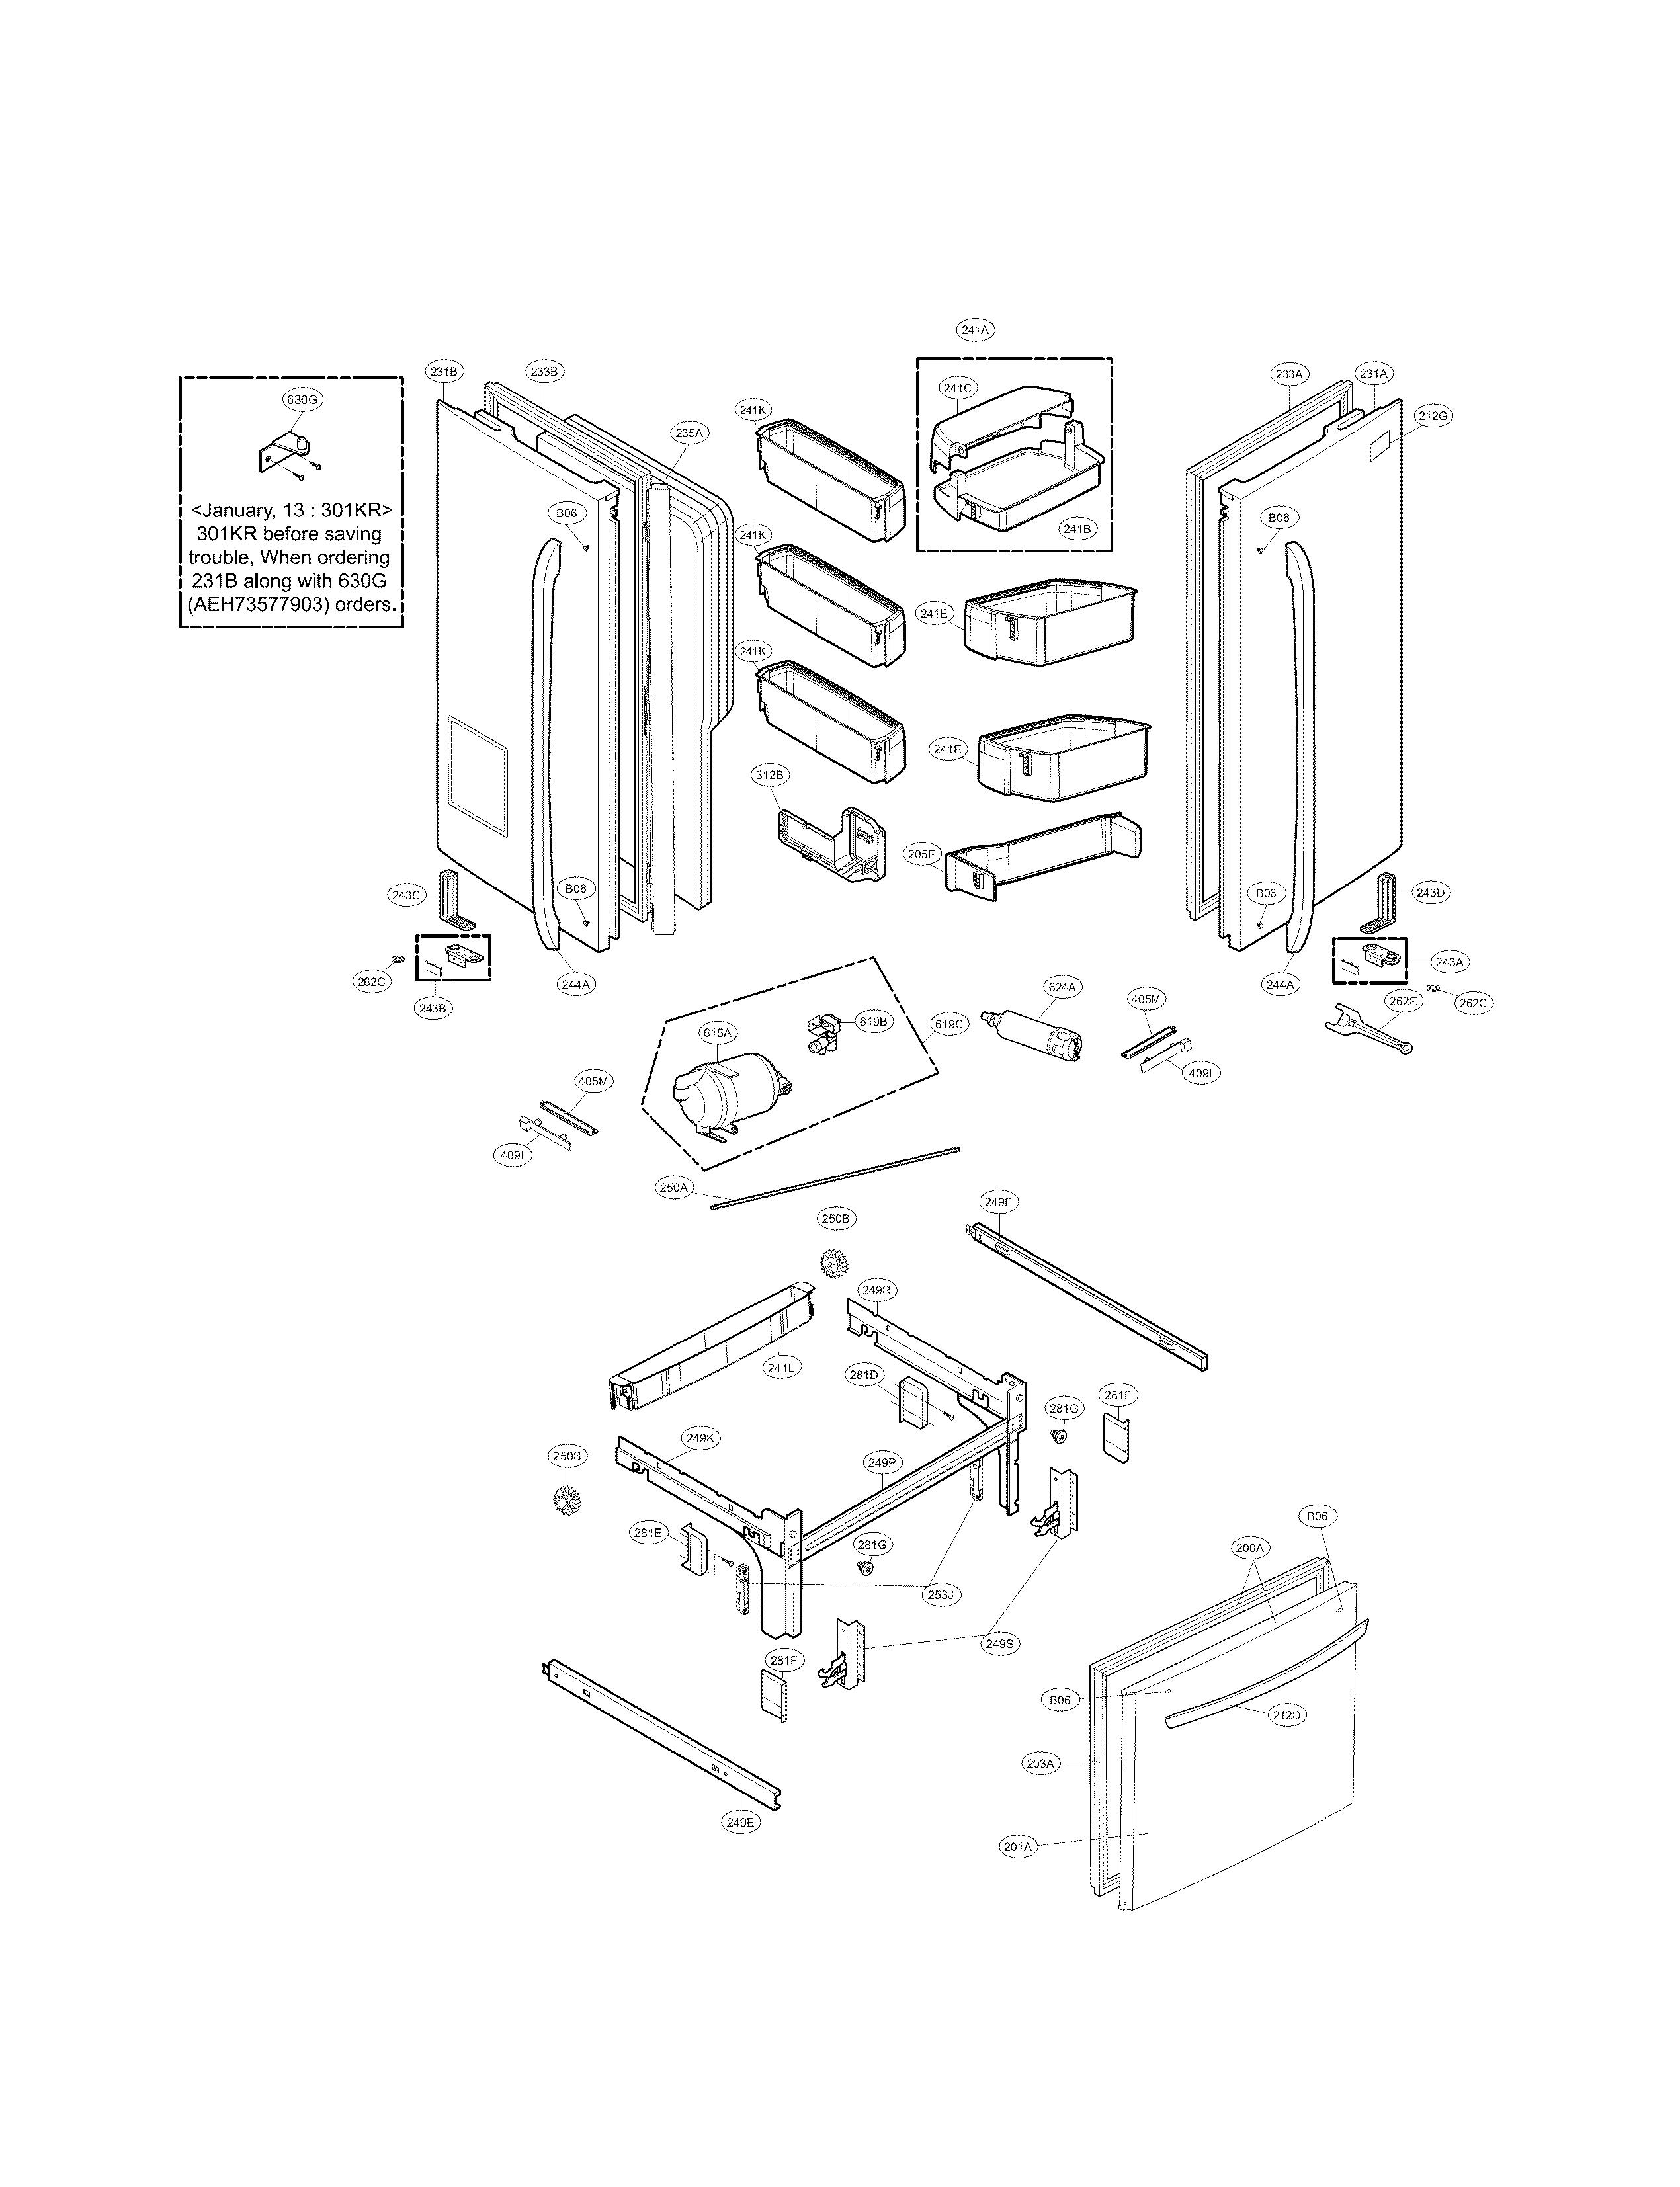 Kenmore Coldspot Model 106 Parts Diagram